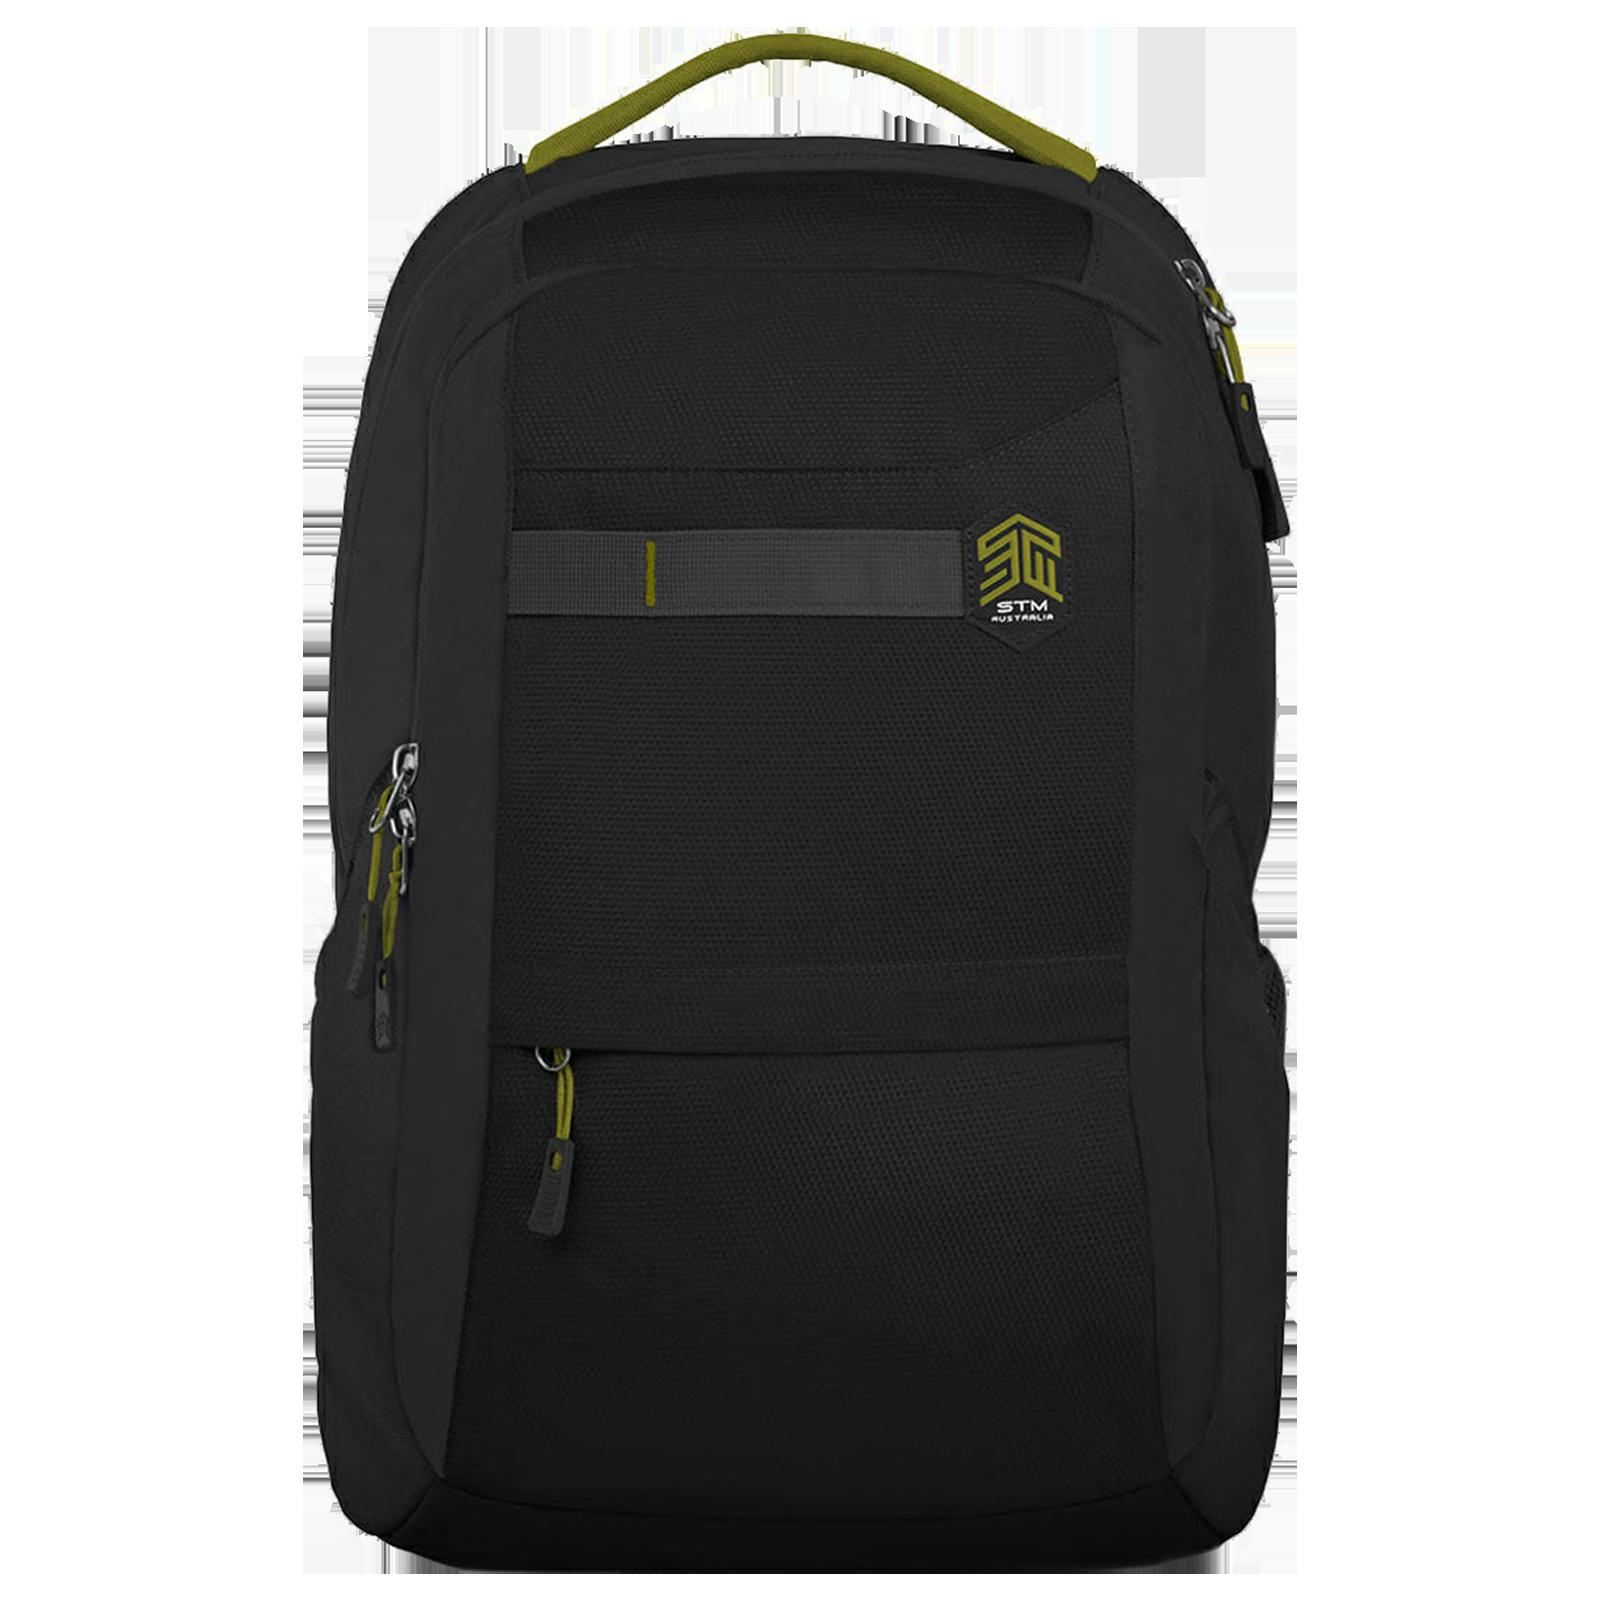 STM Trilogy 24 Litres Polyester Backpack for 15 Inch Laptop (Stash Pocket , STM-111-171P-01, Black)_1